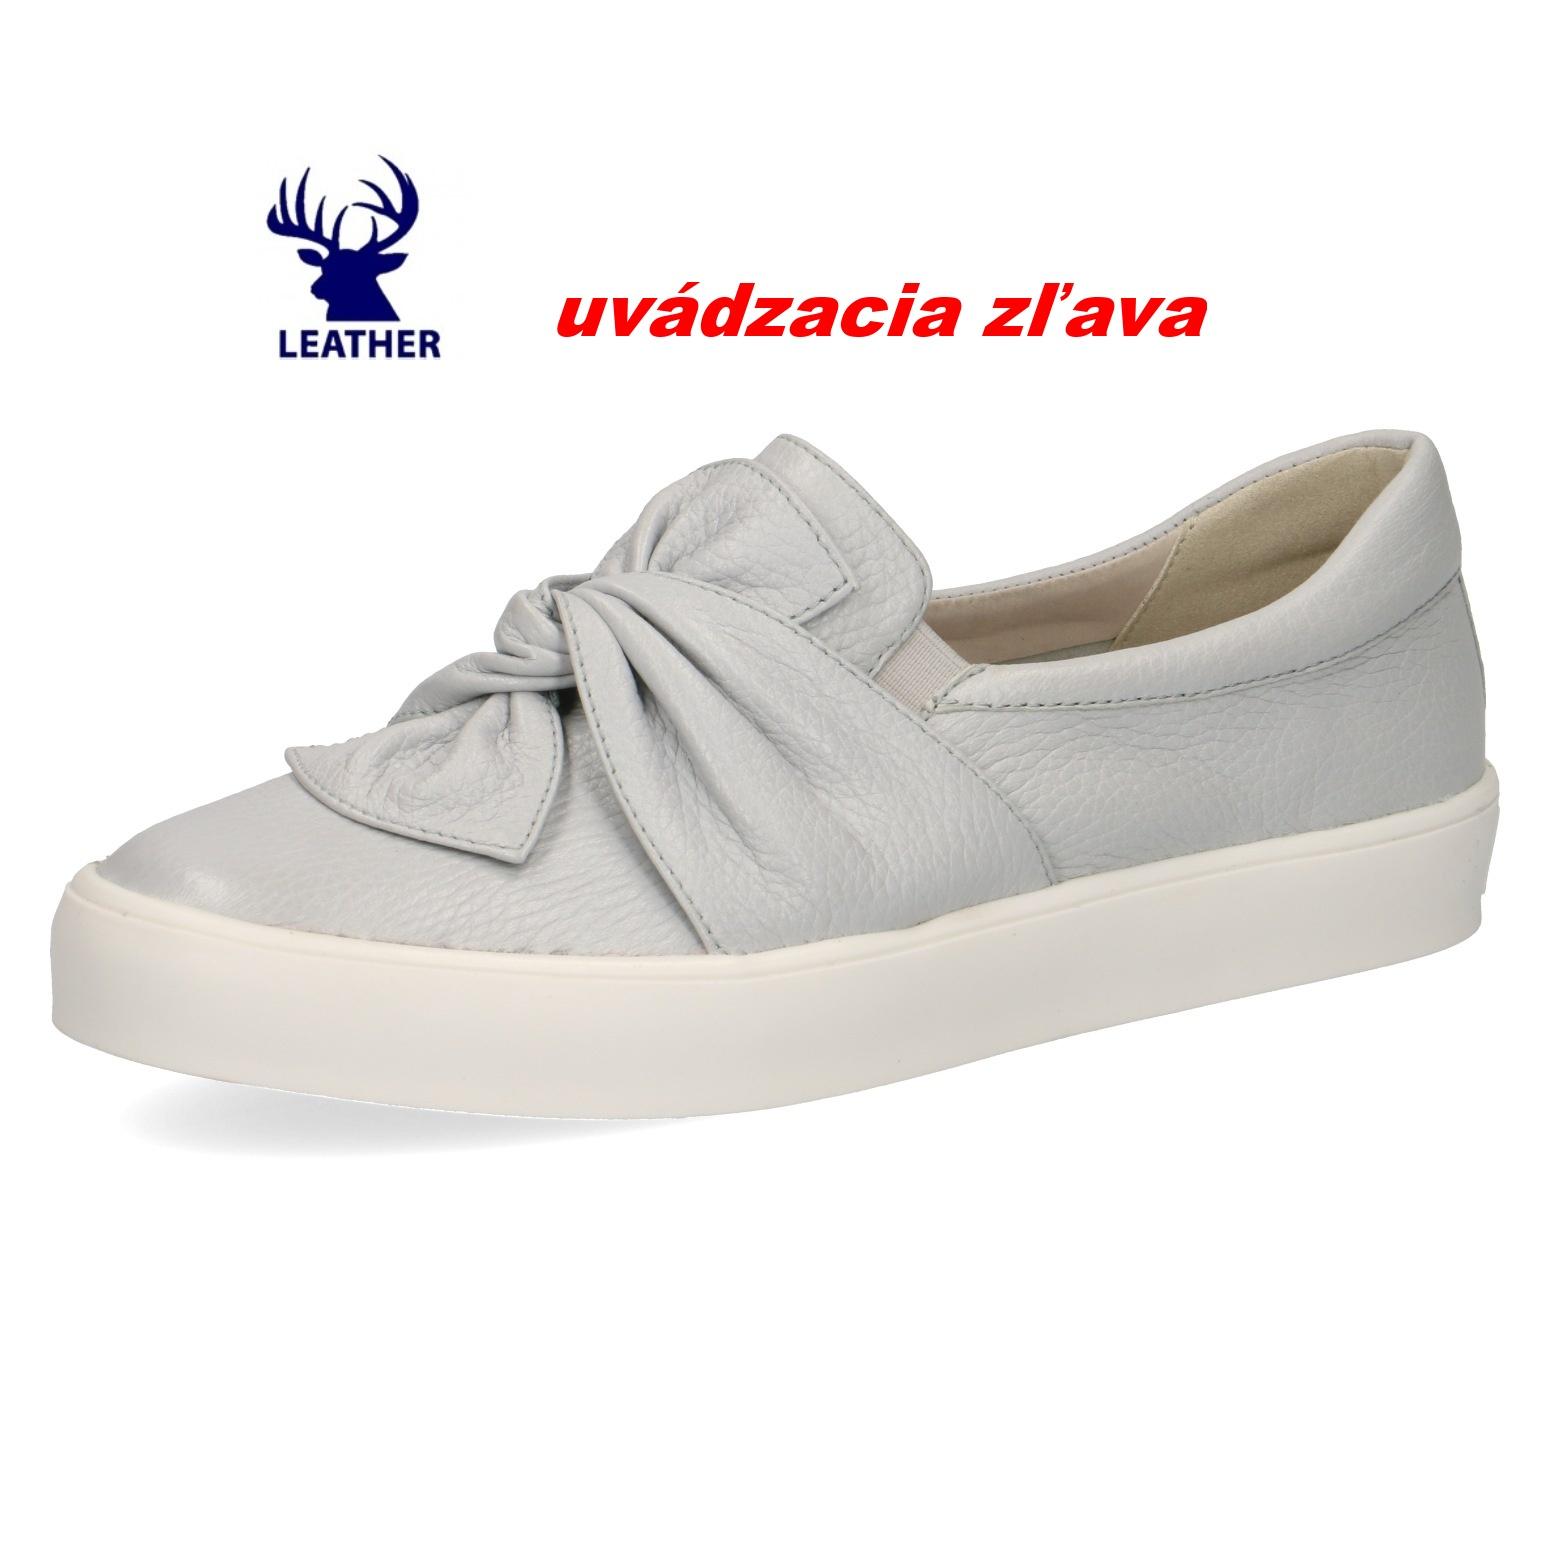 447261fada89 Dámska vychádzková obuv CAPRICE 9-24602-22 225 LT GREY DEER – Topánky  Olympia shoes